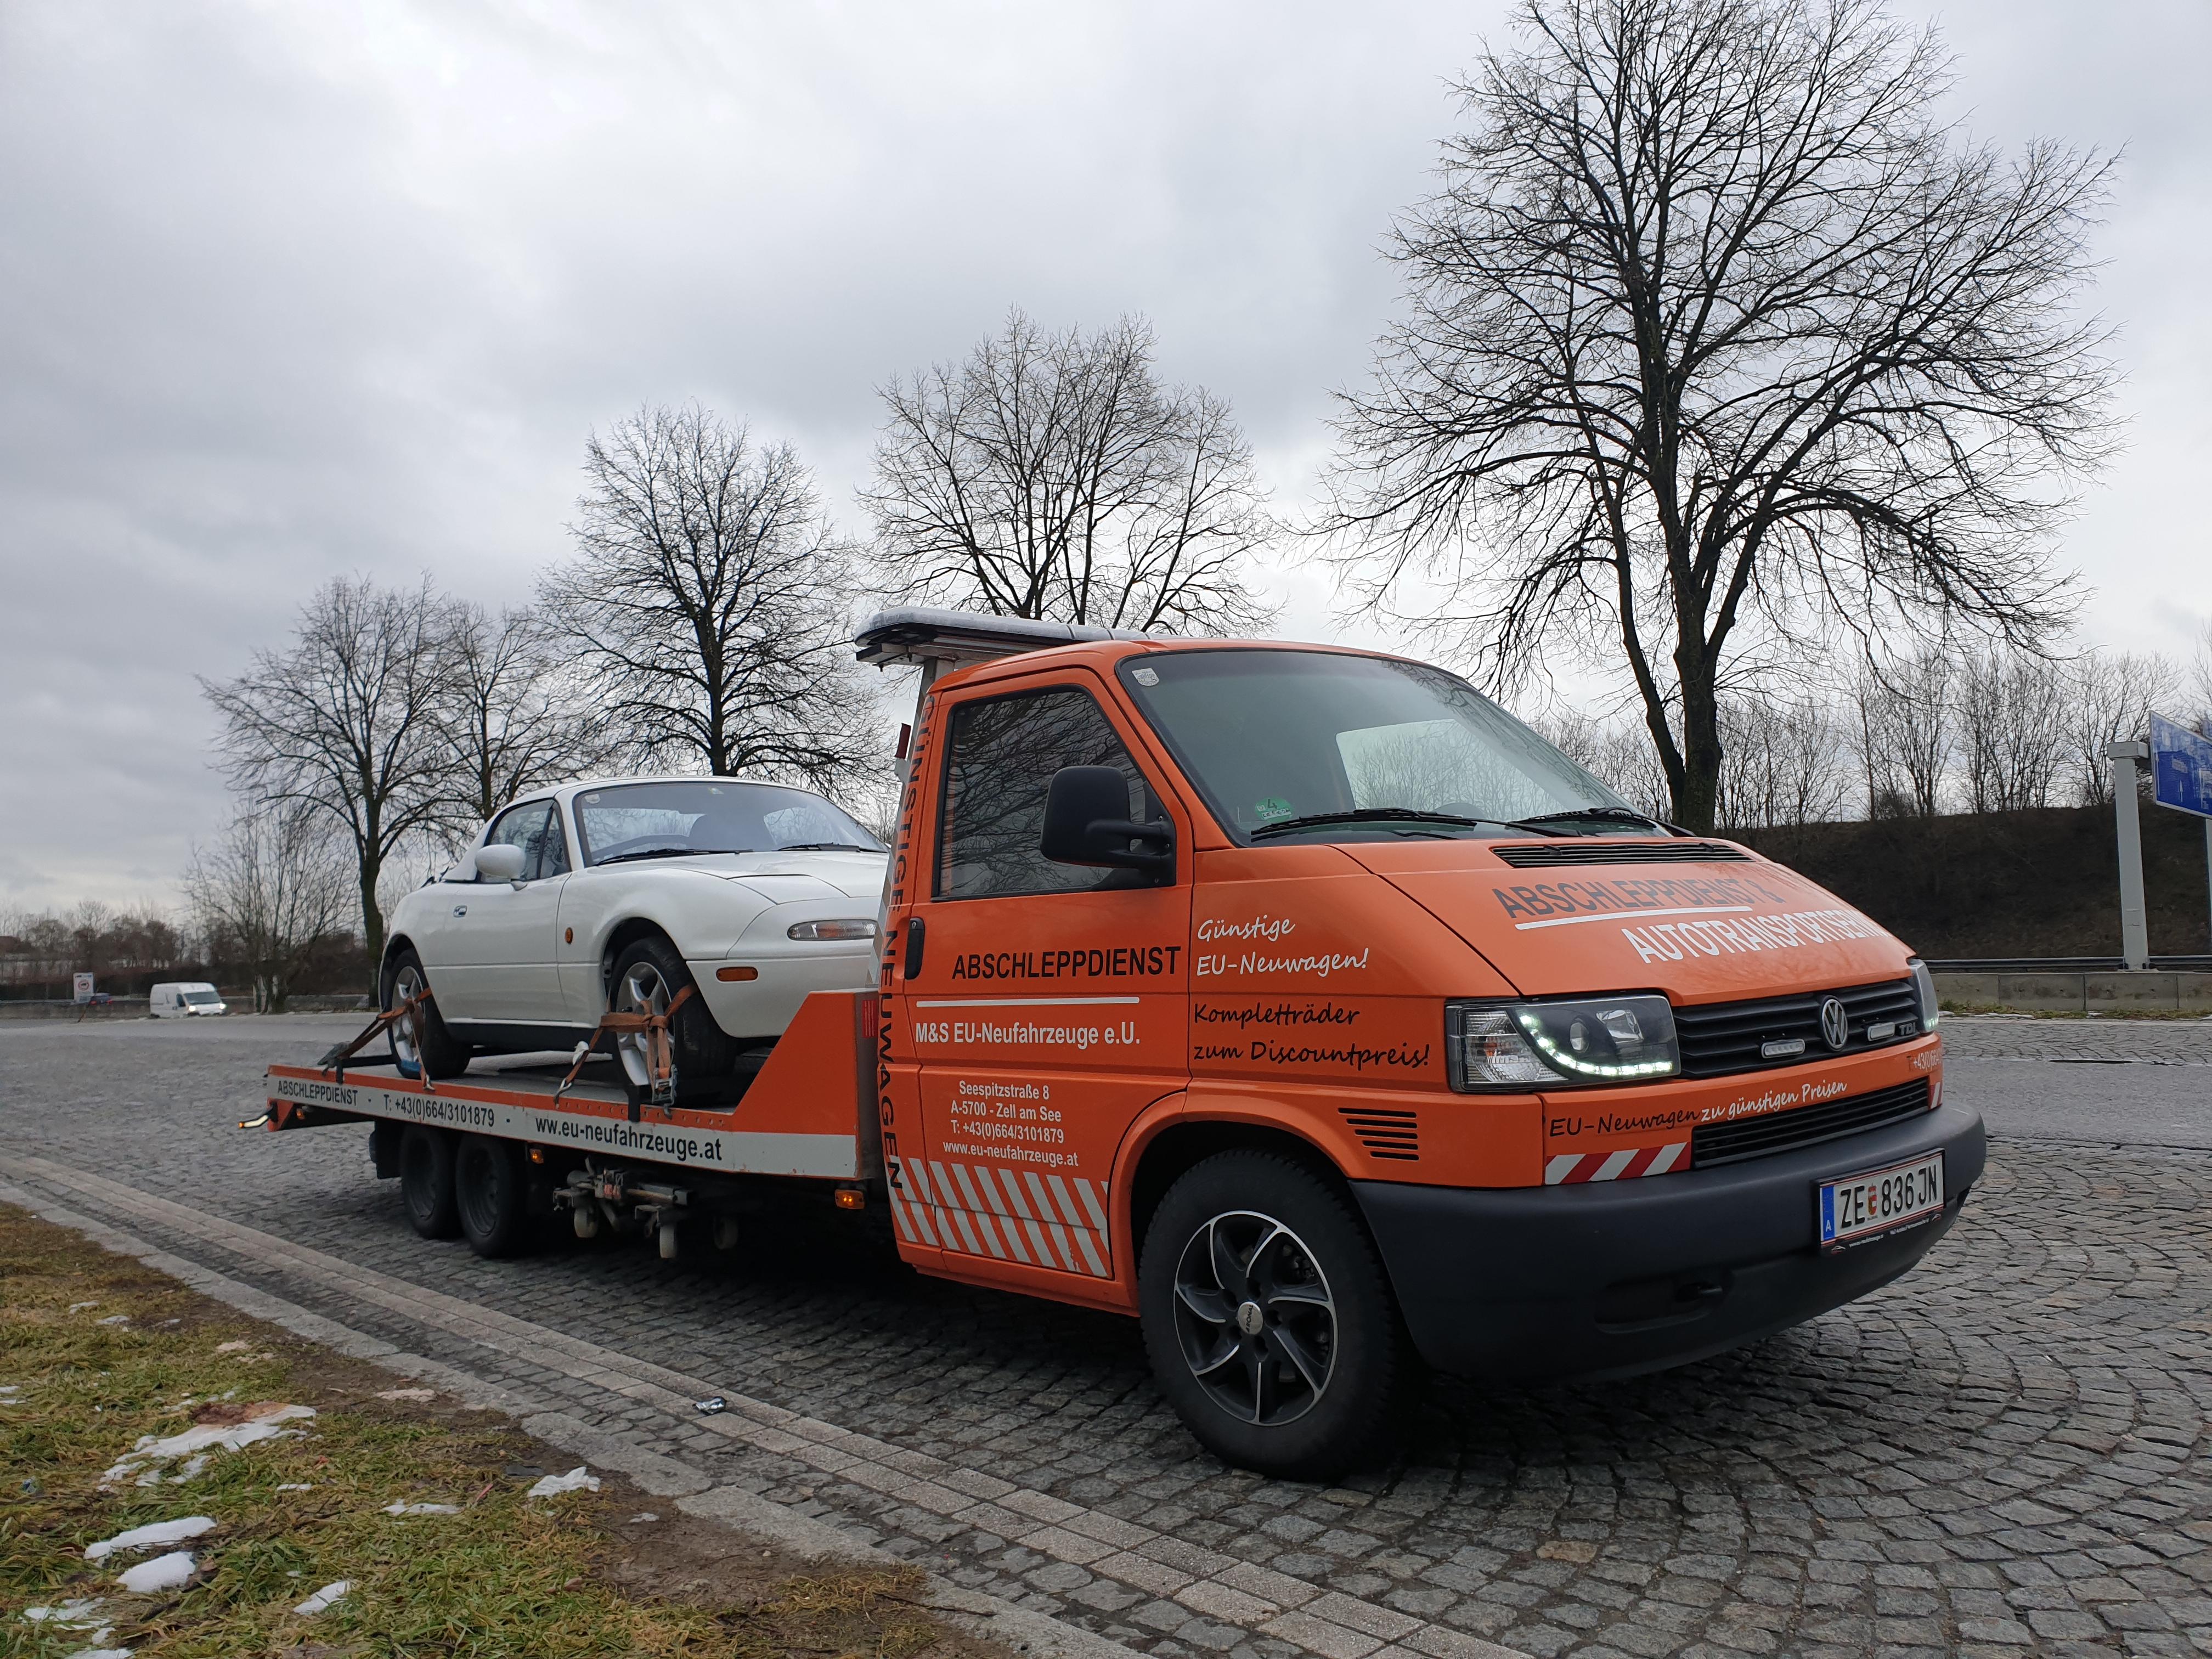 Gebrauchtwagentransport Mazda